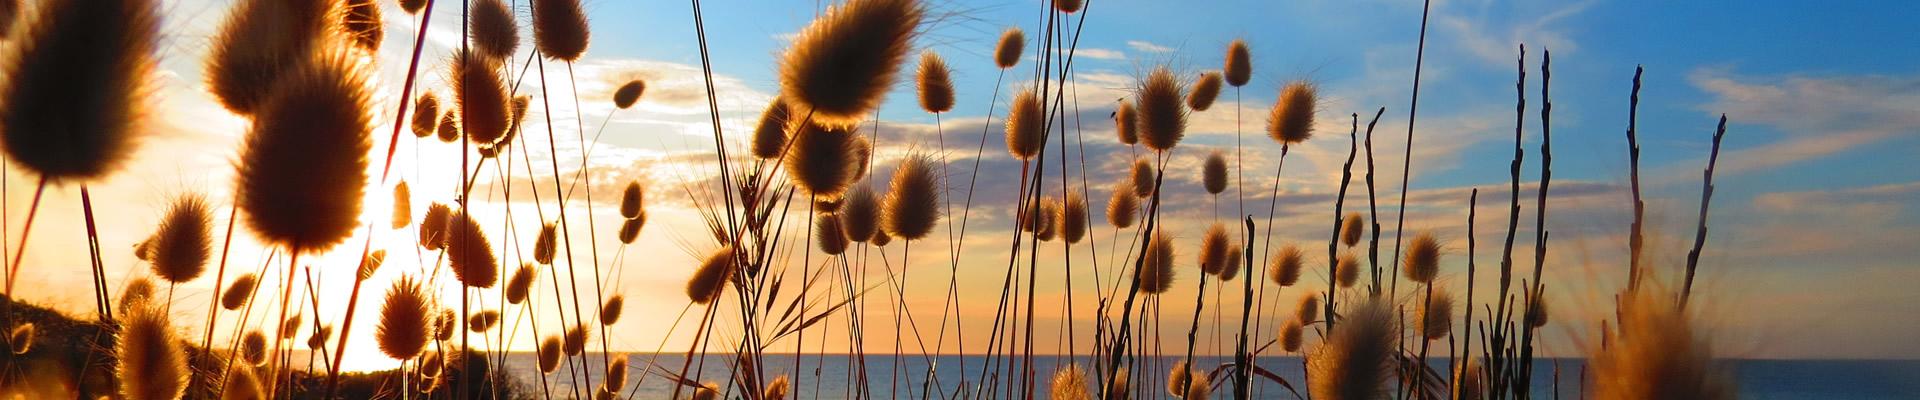 grasses-slide